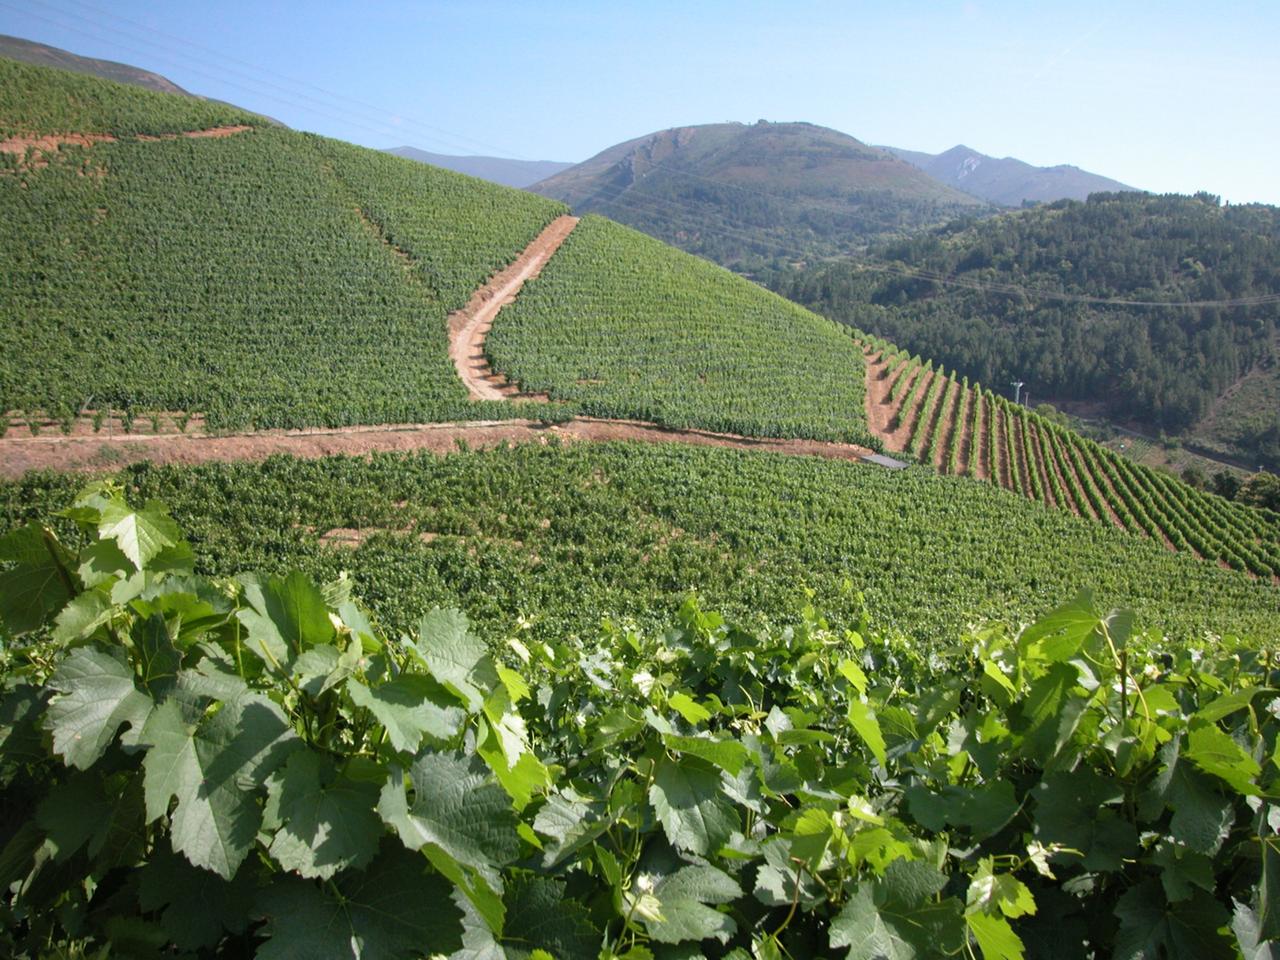 website-review-images/Vineyard slope.png